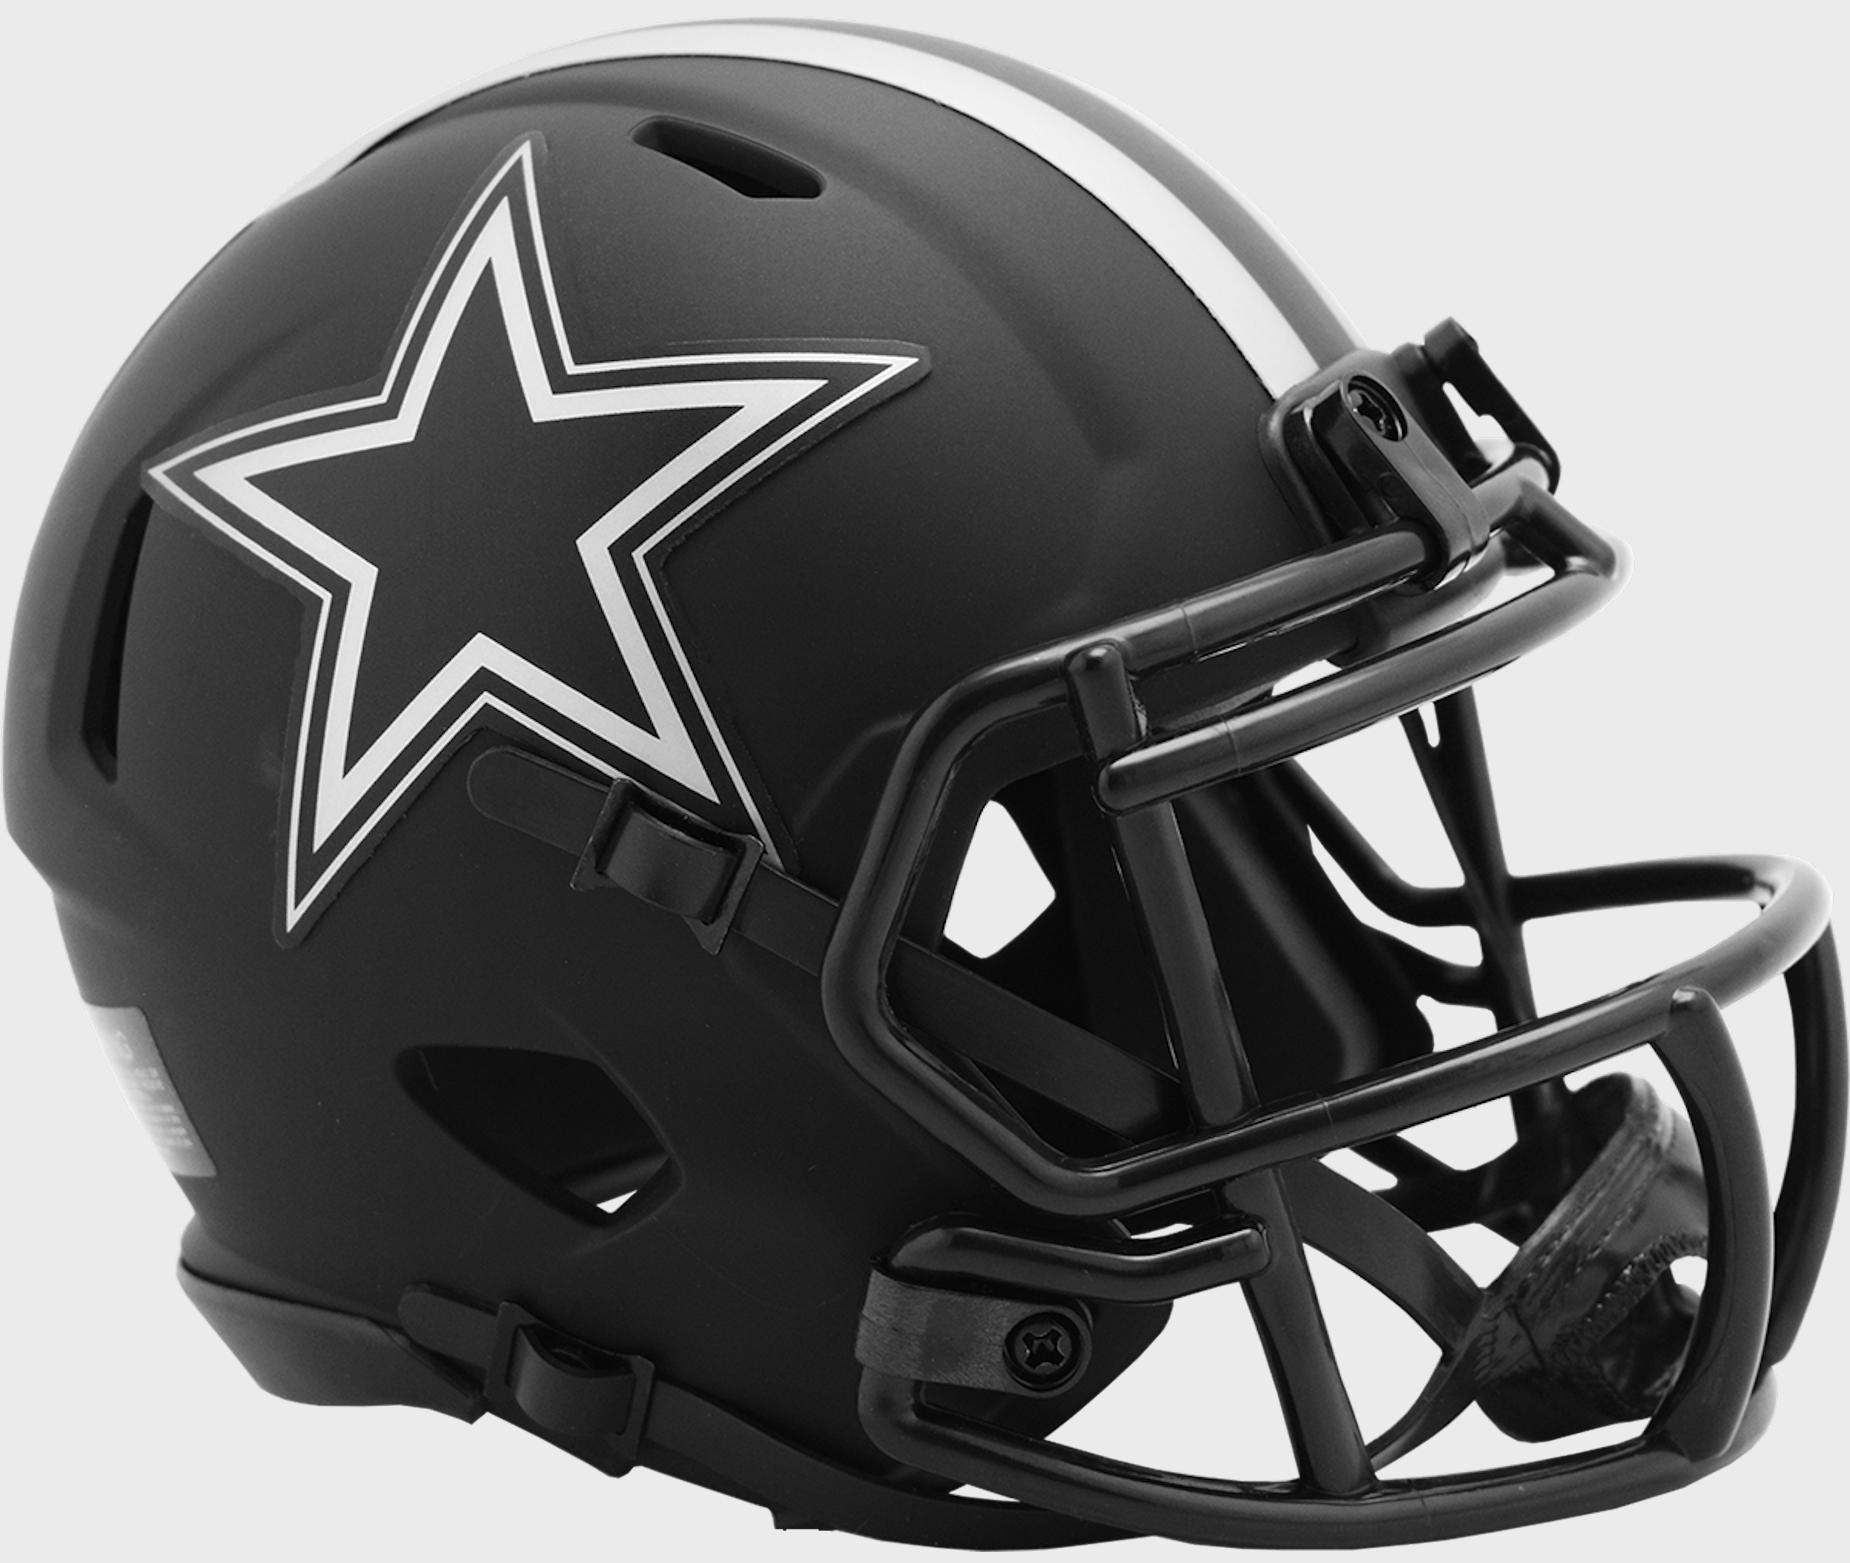 Dallas Cowboys NFL Mini Speed Football Helmet <B>ECLIPSE</B>